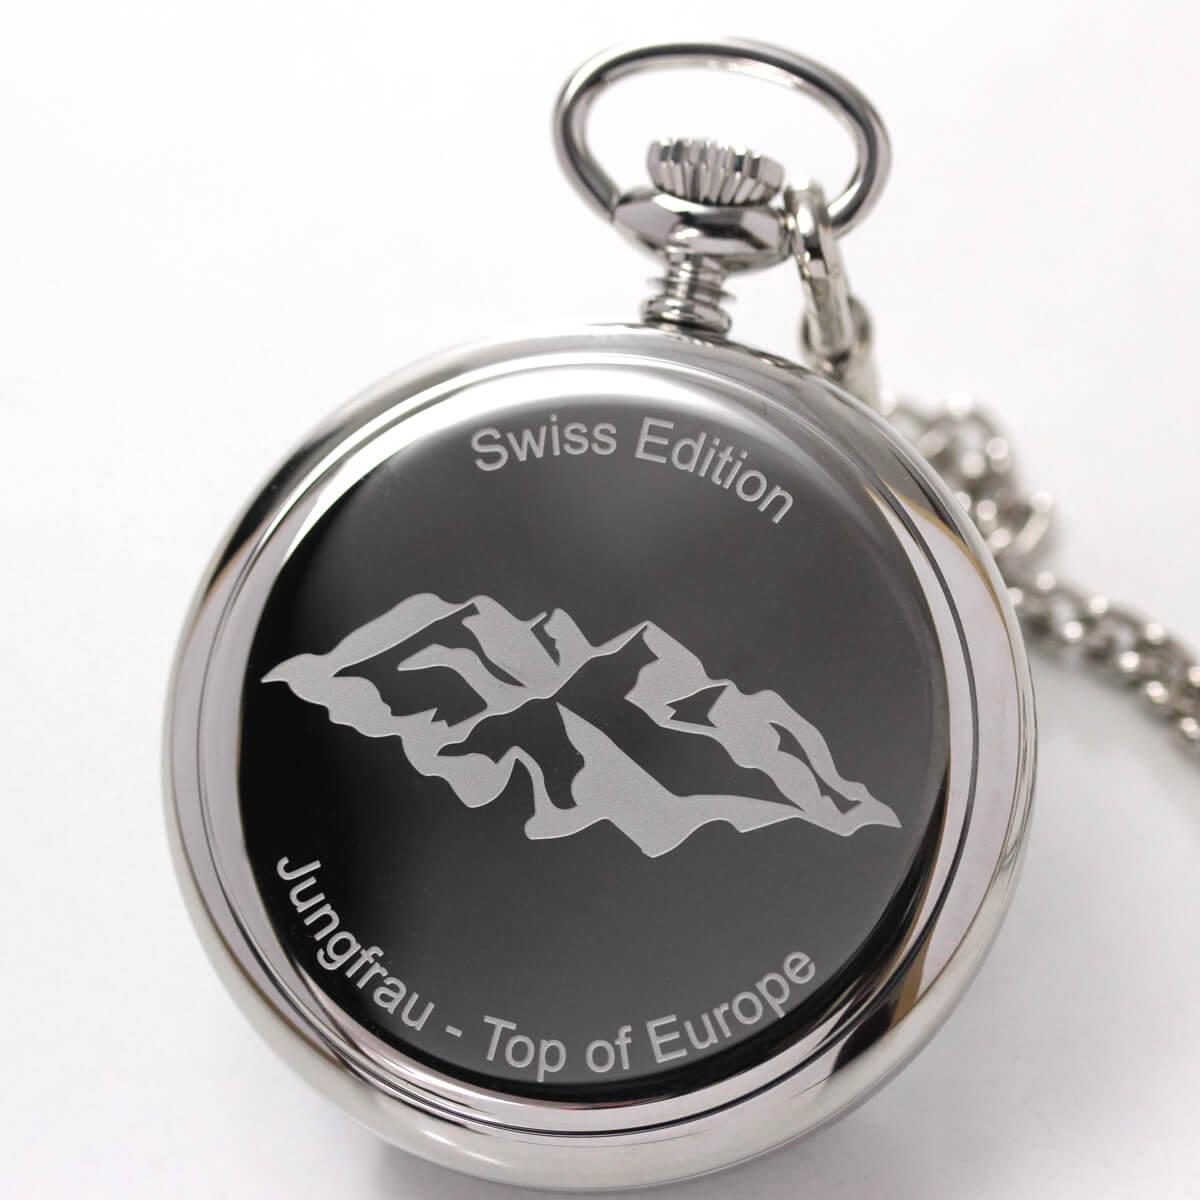 時計の裏蓋にユングフラウの刻印